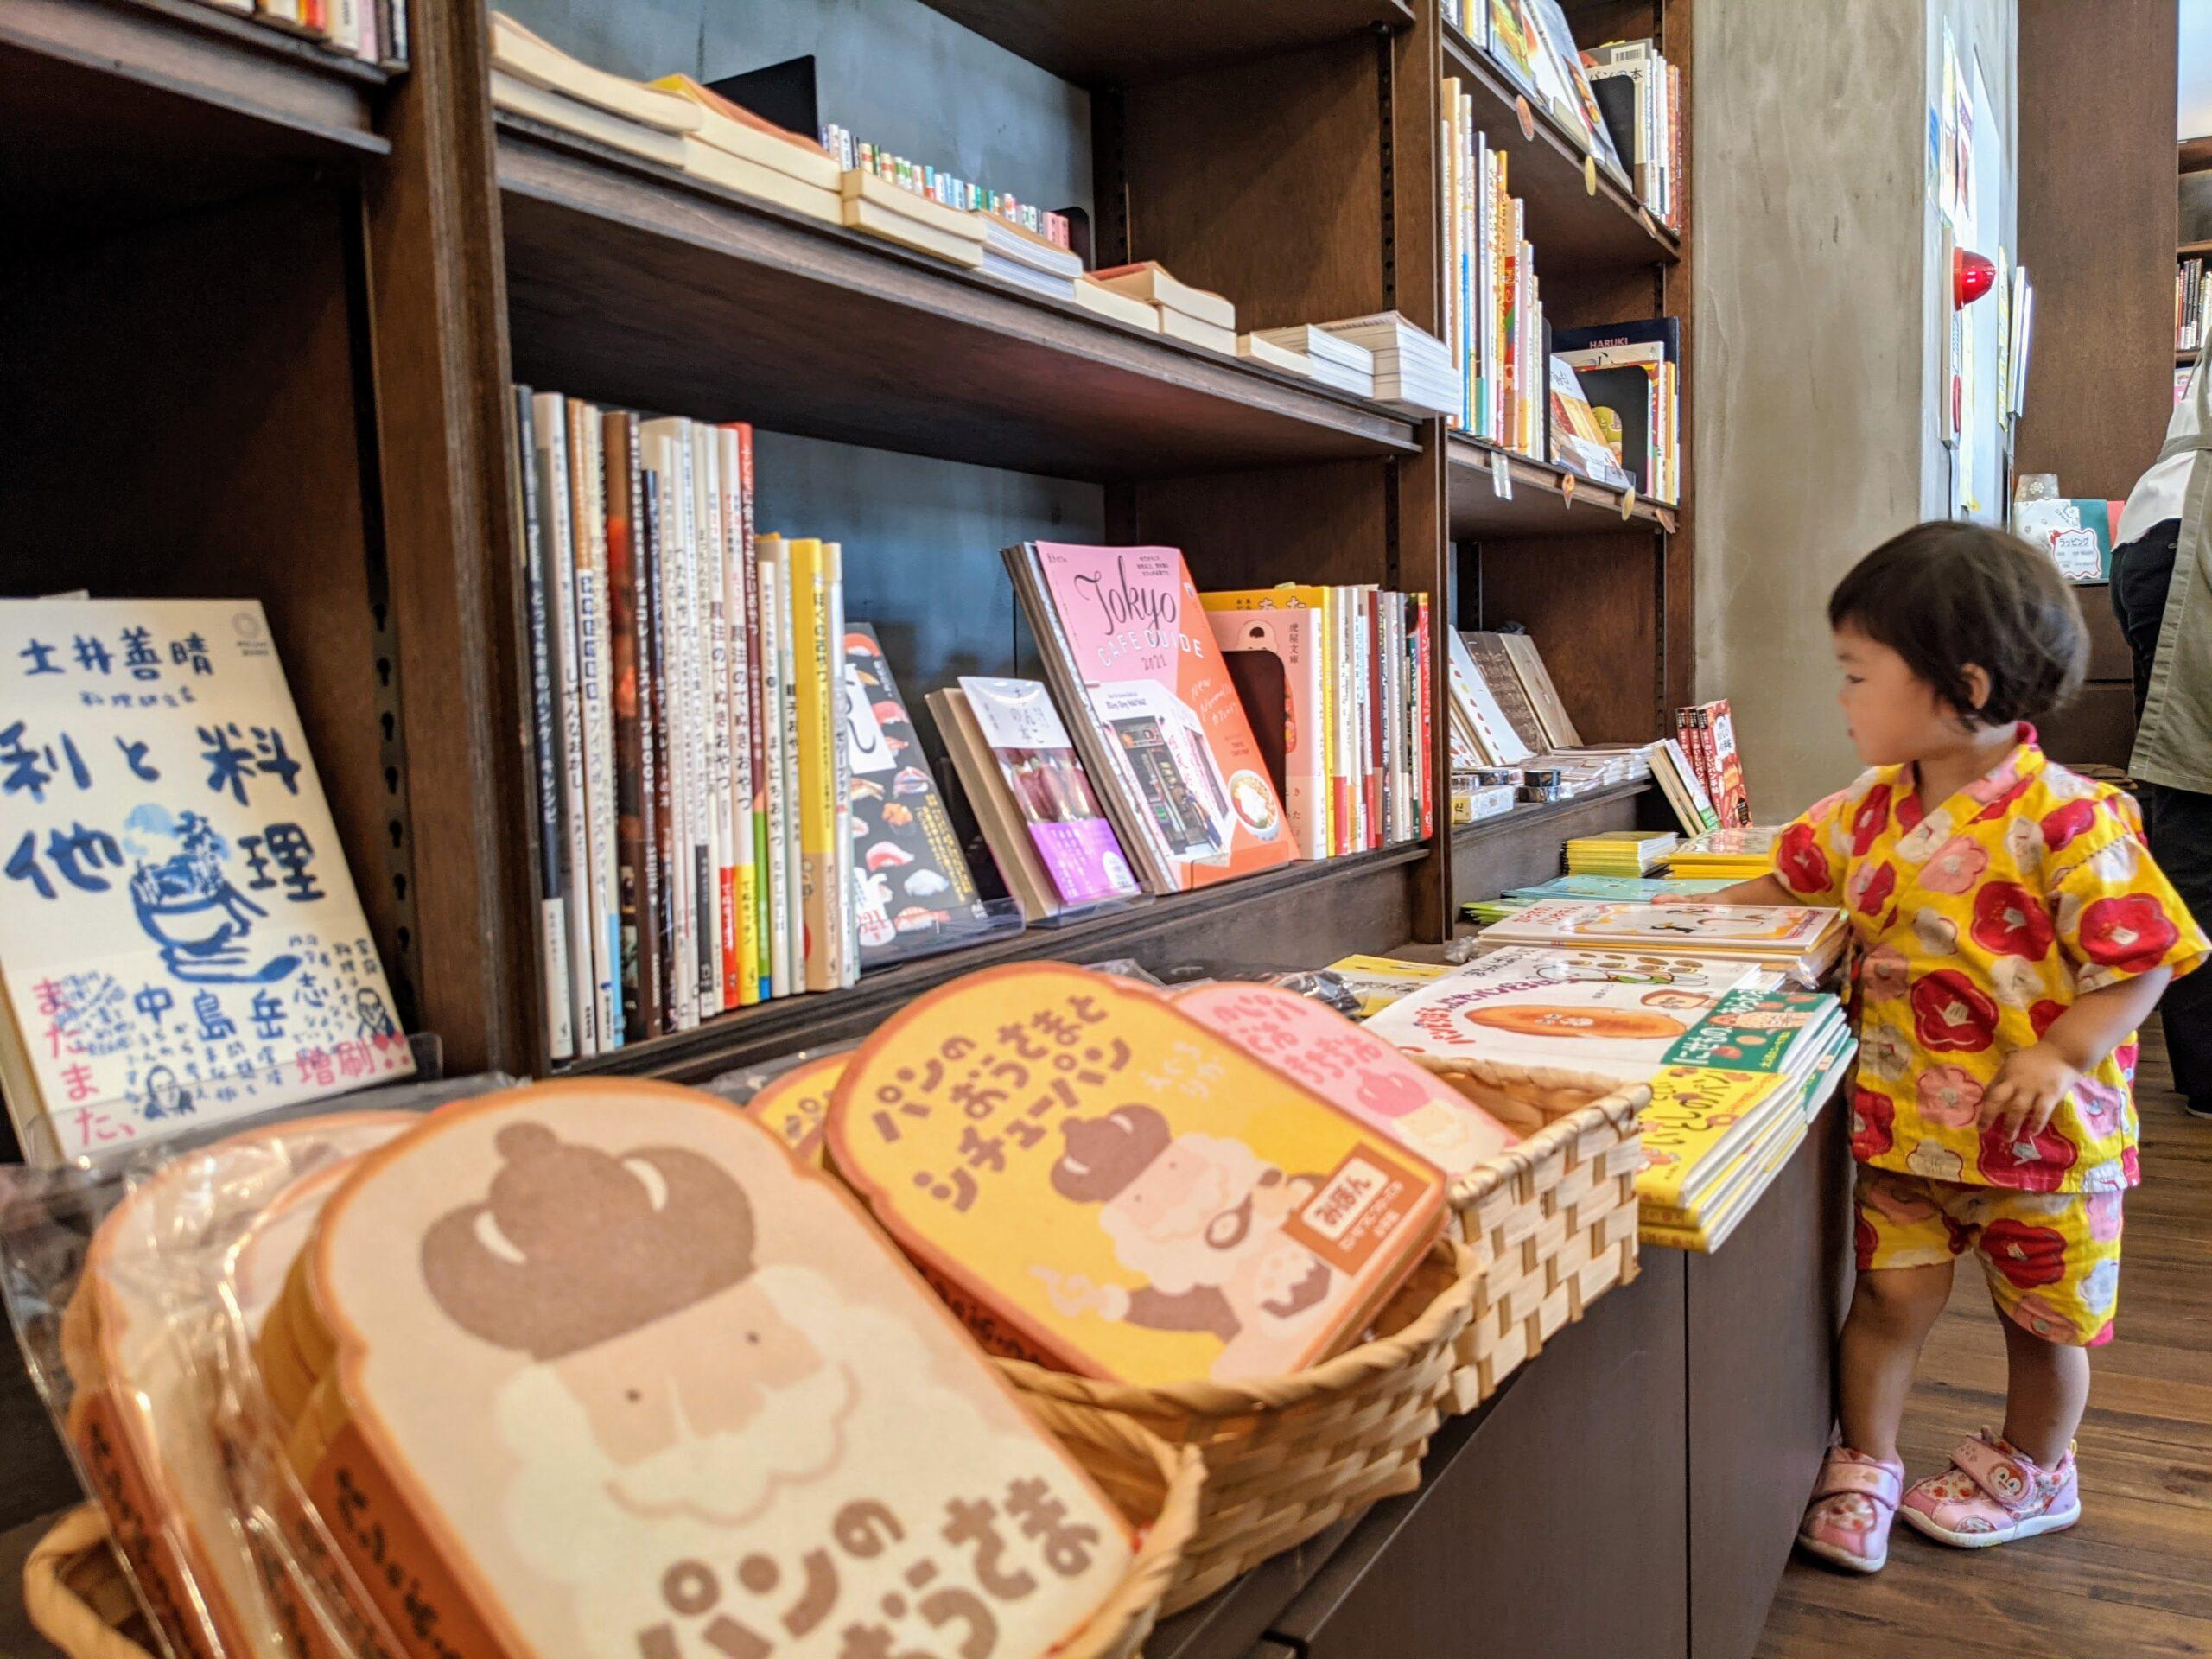 パン屋の本屋 パングッズ